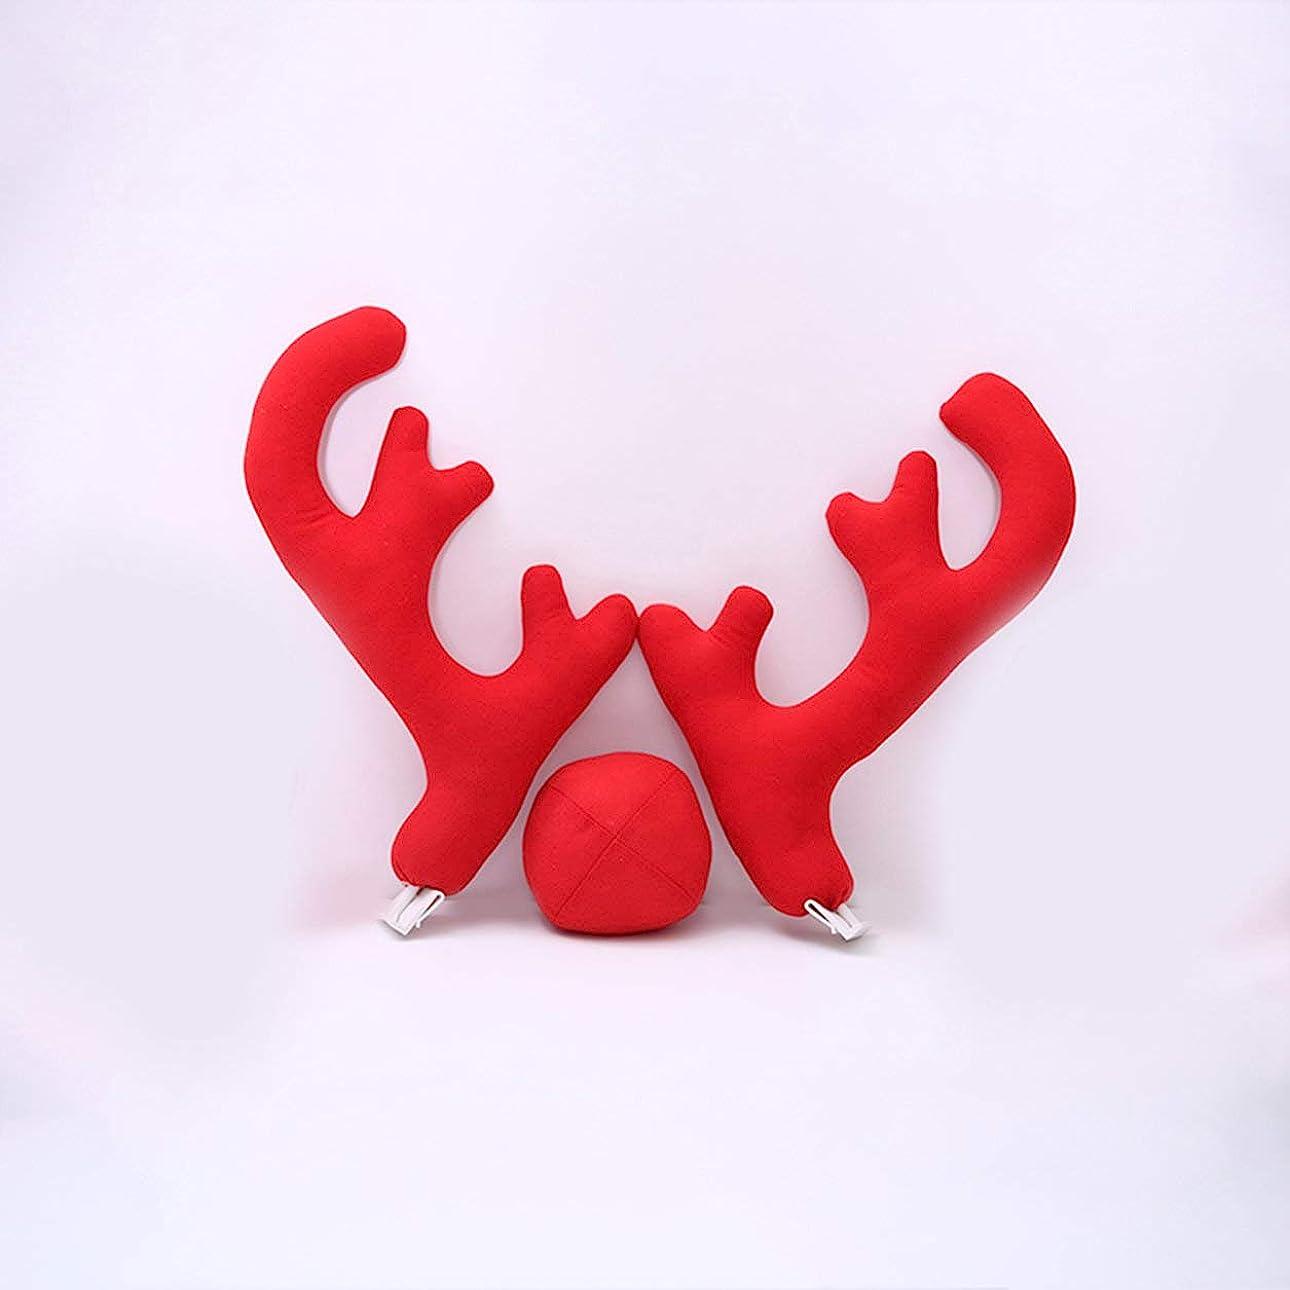 発送暗い手紙を書くSaikogoods 2アントラーズ1枚のトナカイ鼻2 Mirrowカバーで新しいデザインクリエイティブクリスマスオートカーコスチュームの装飾フルセット 赤